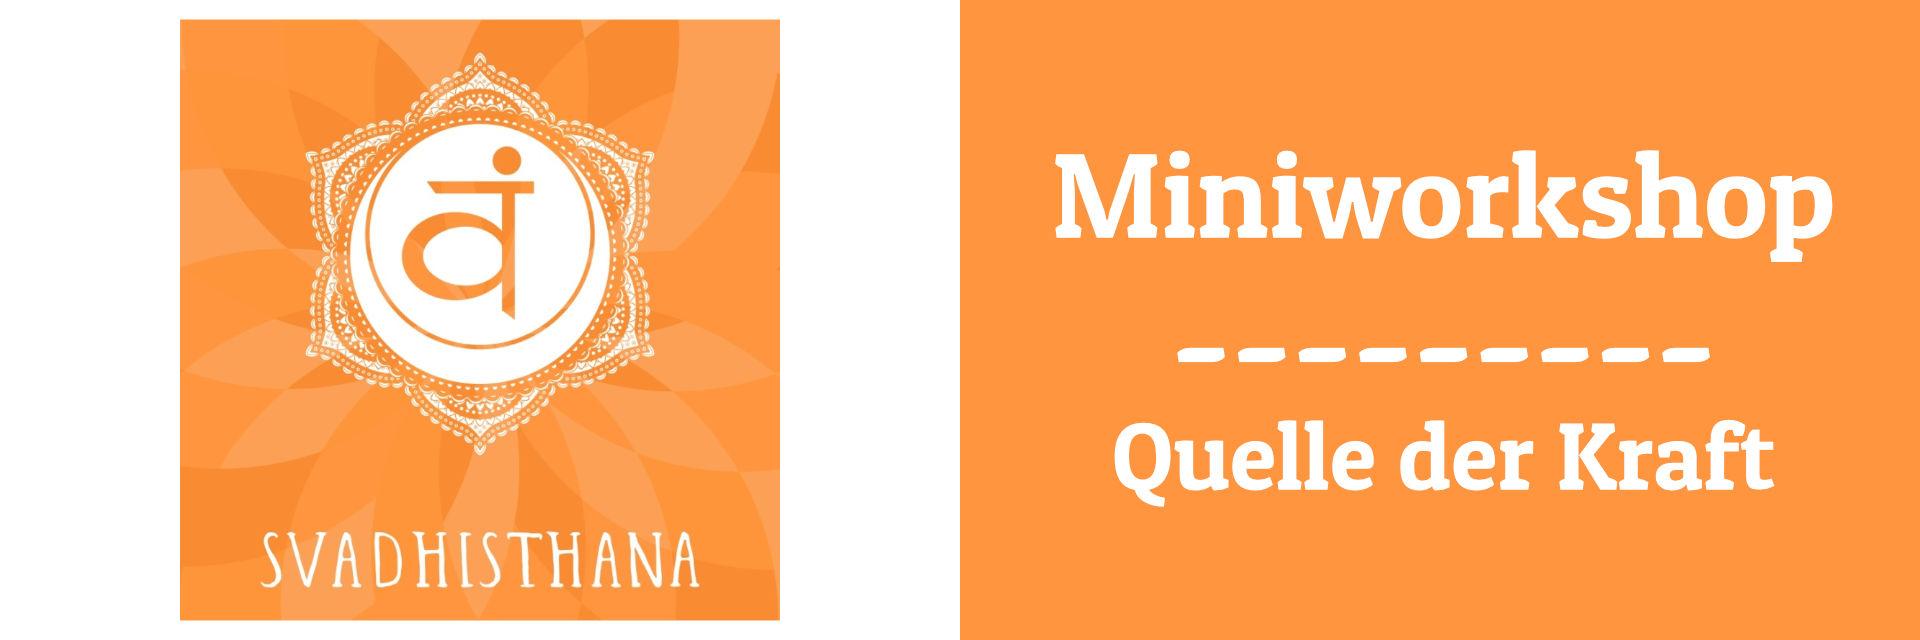 Miniworkshop Quelle der Kraft